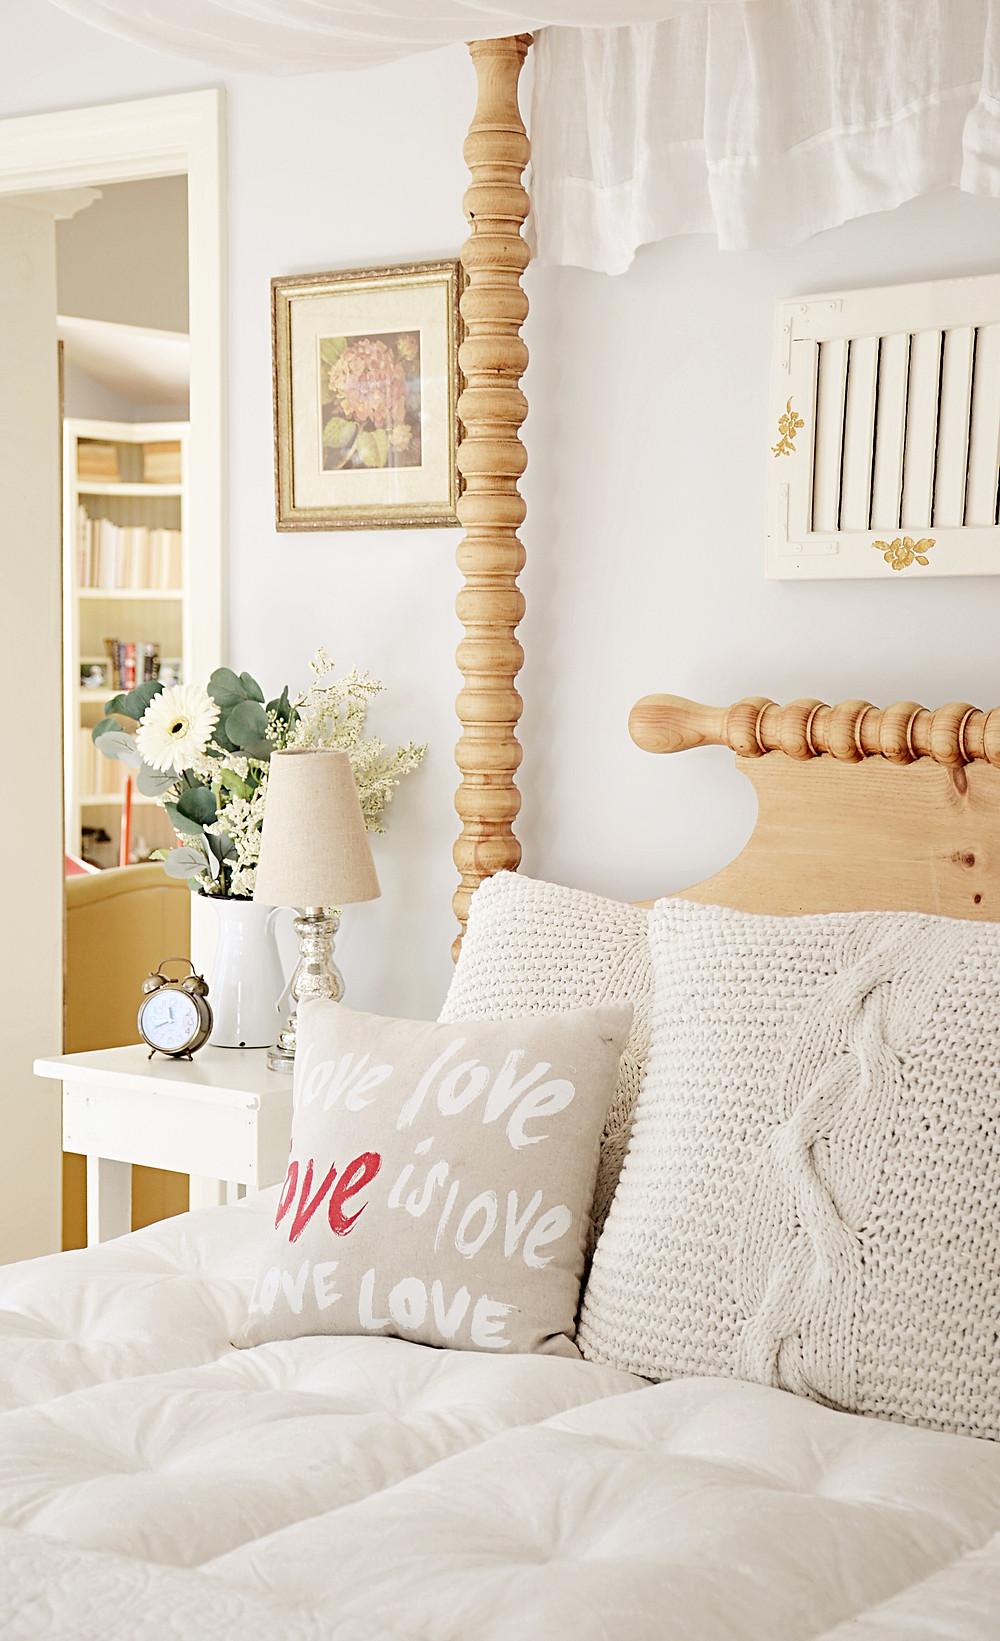 Cozy Bedroom Decor with Valentines Decor.